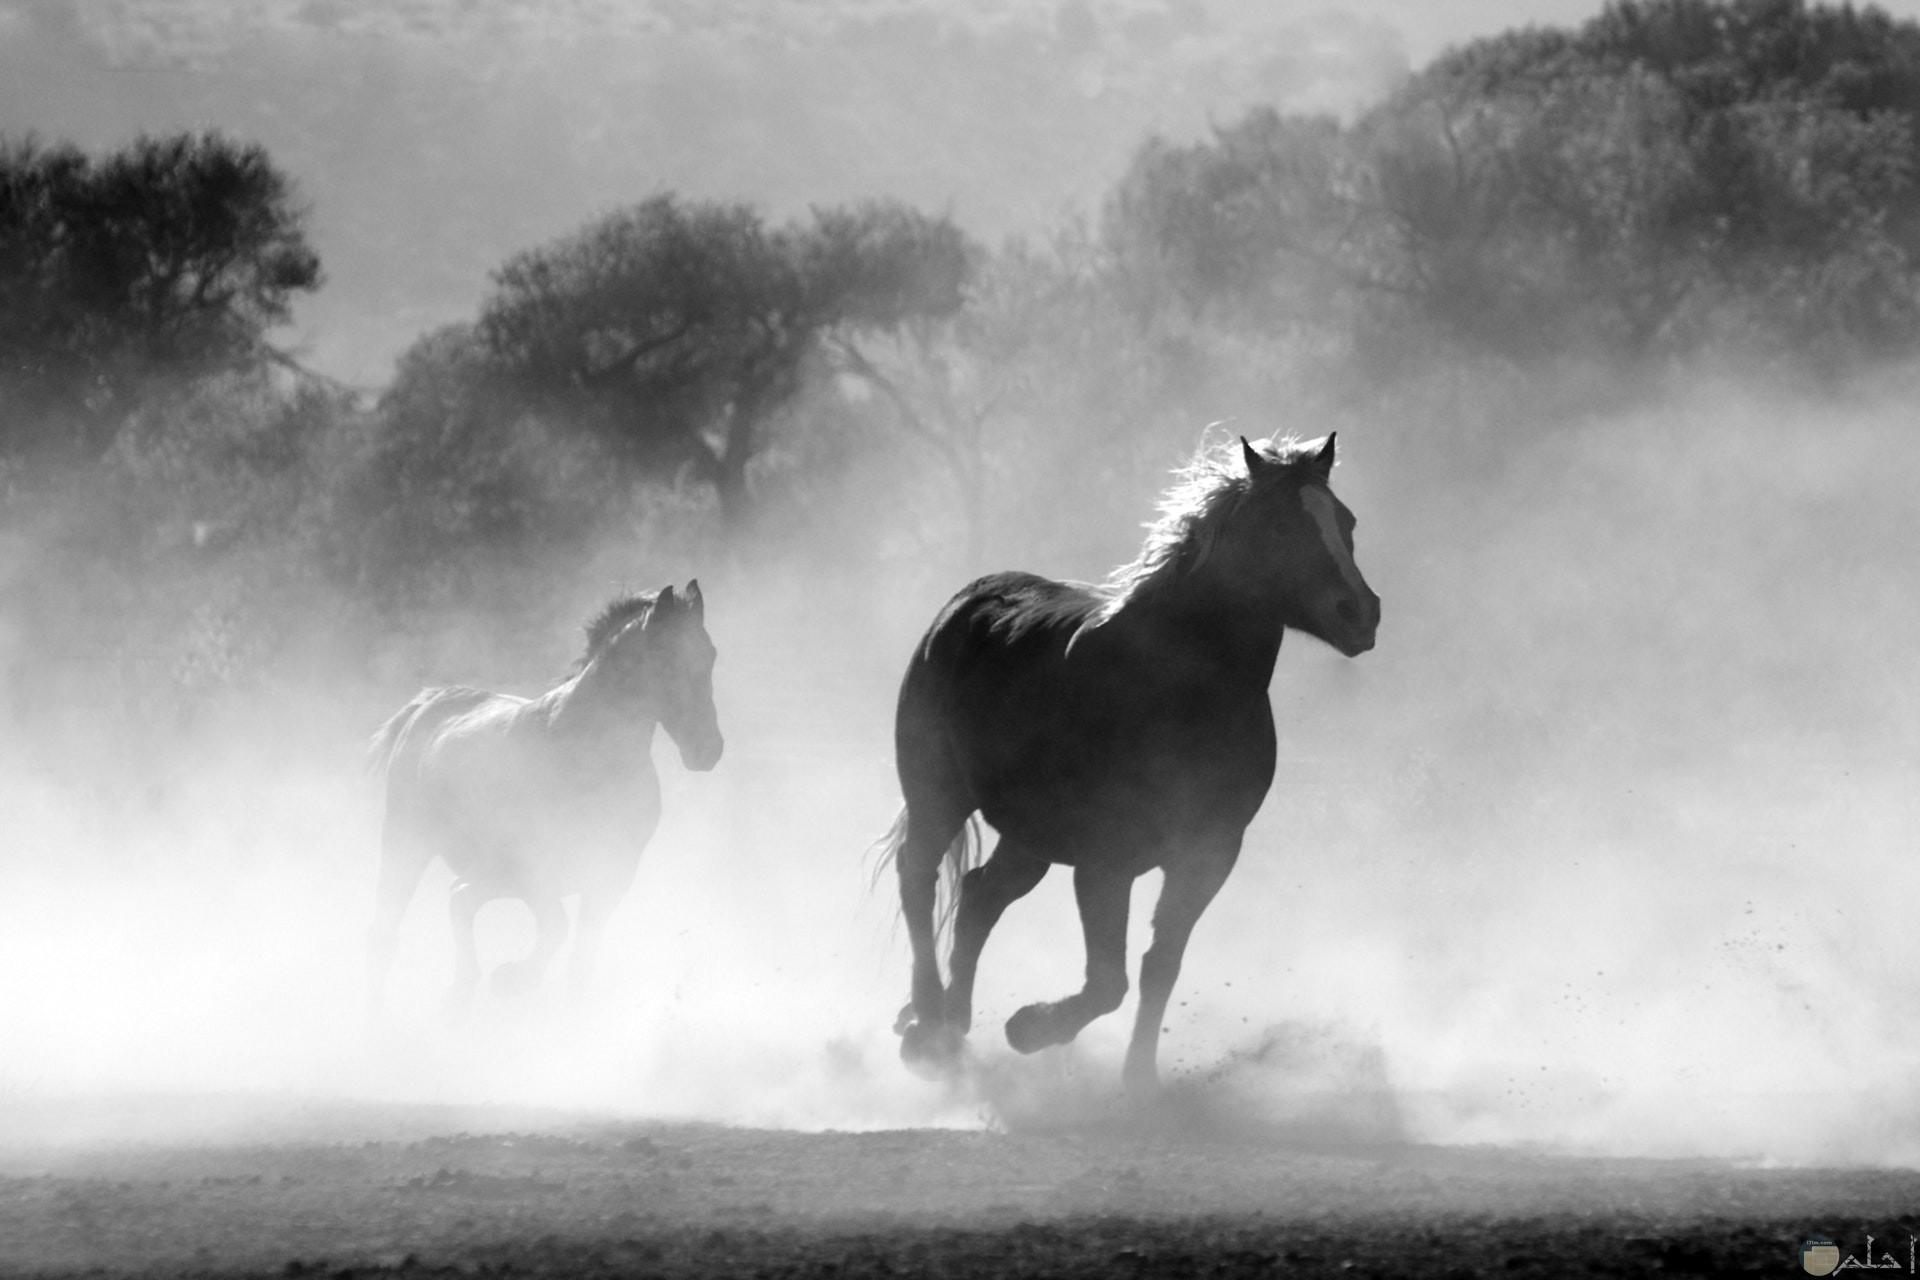 صورة مميزة أبيض وأسود للتصميم لحصانين يجريان في الغابة